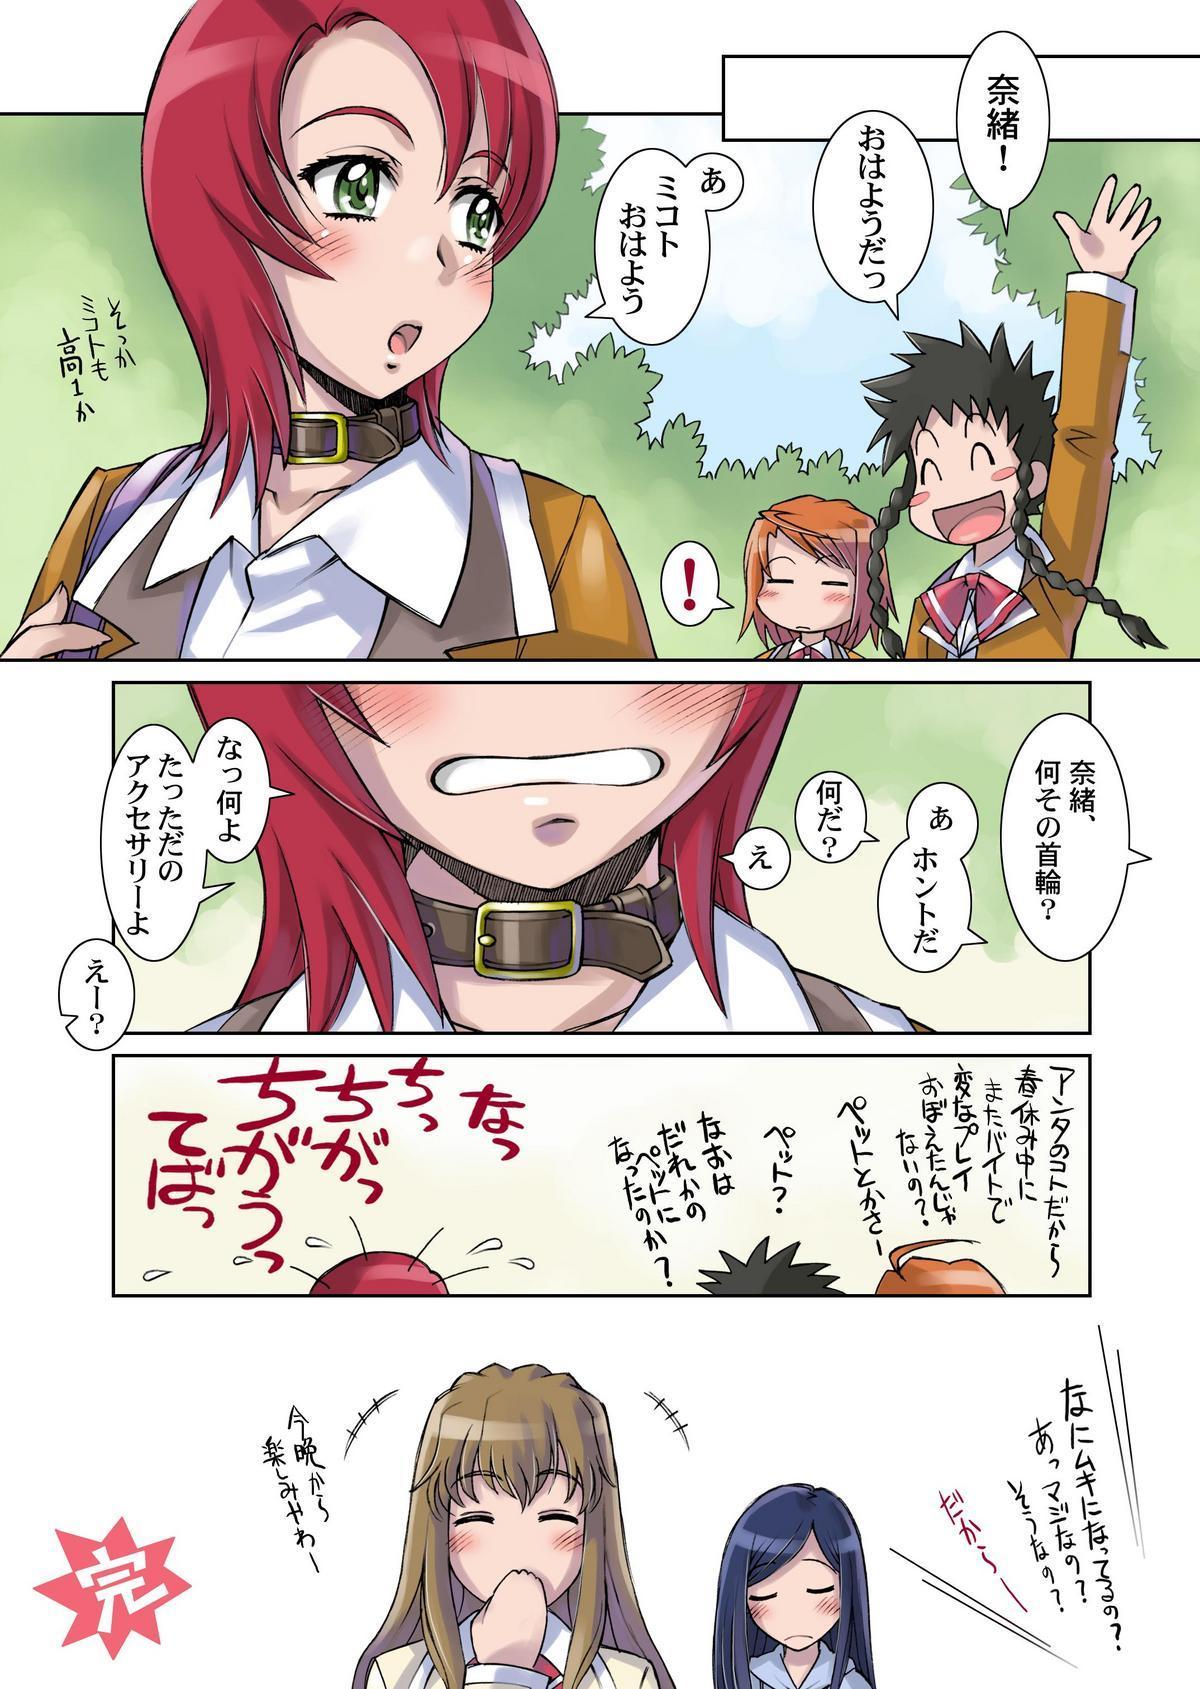 Nao Kichi 14